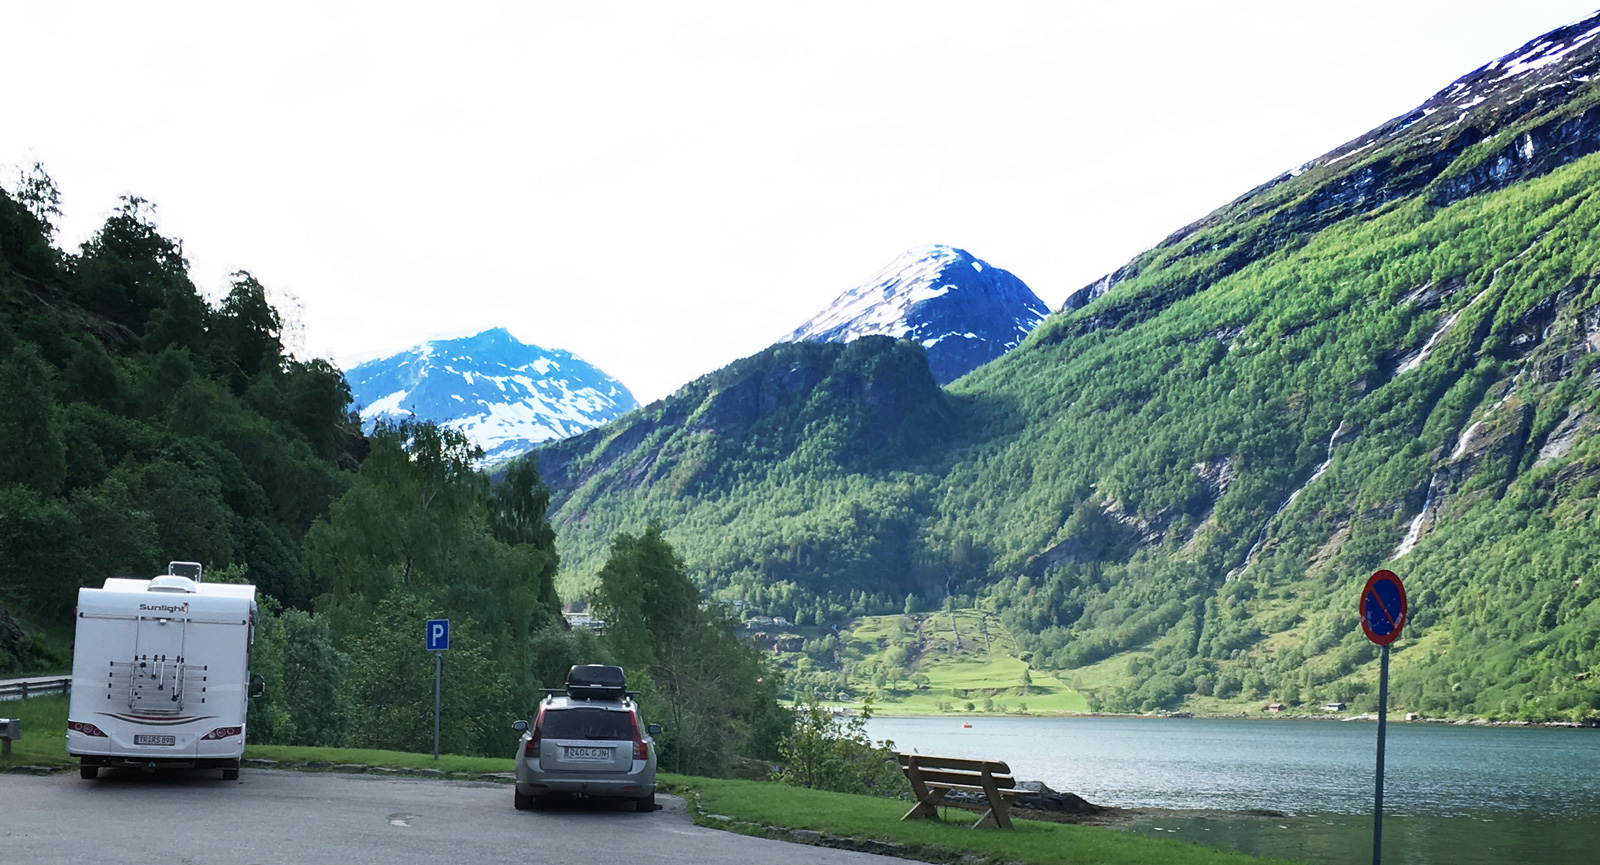 Längst ner i Geirangerfjorden finns både campingar och parkeringsplatser. Möjligen med världens vackraste omgivningar.